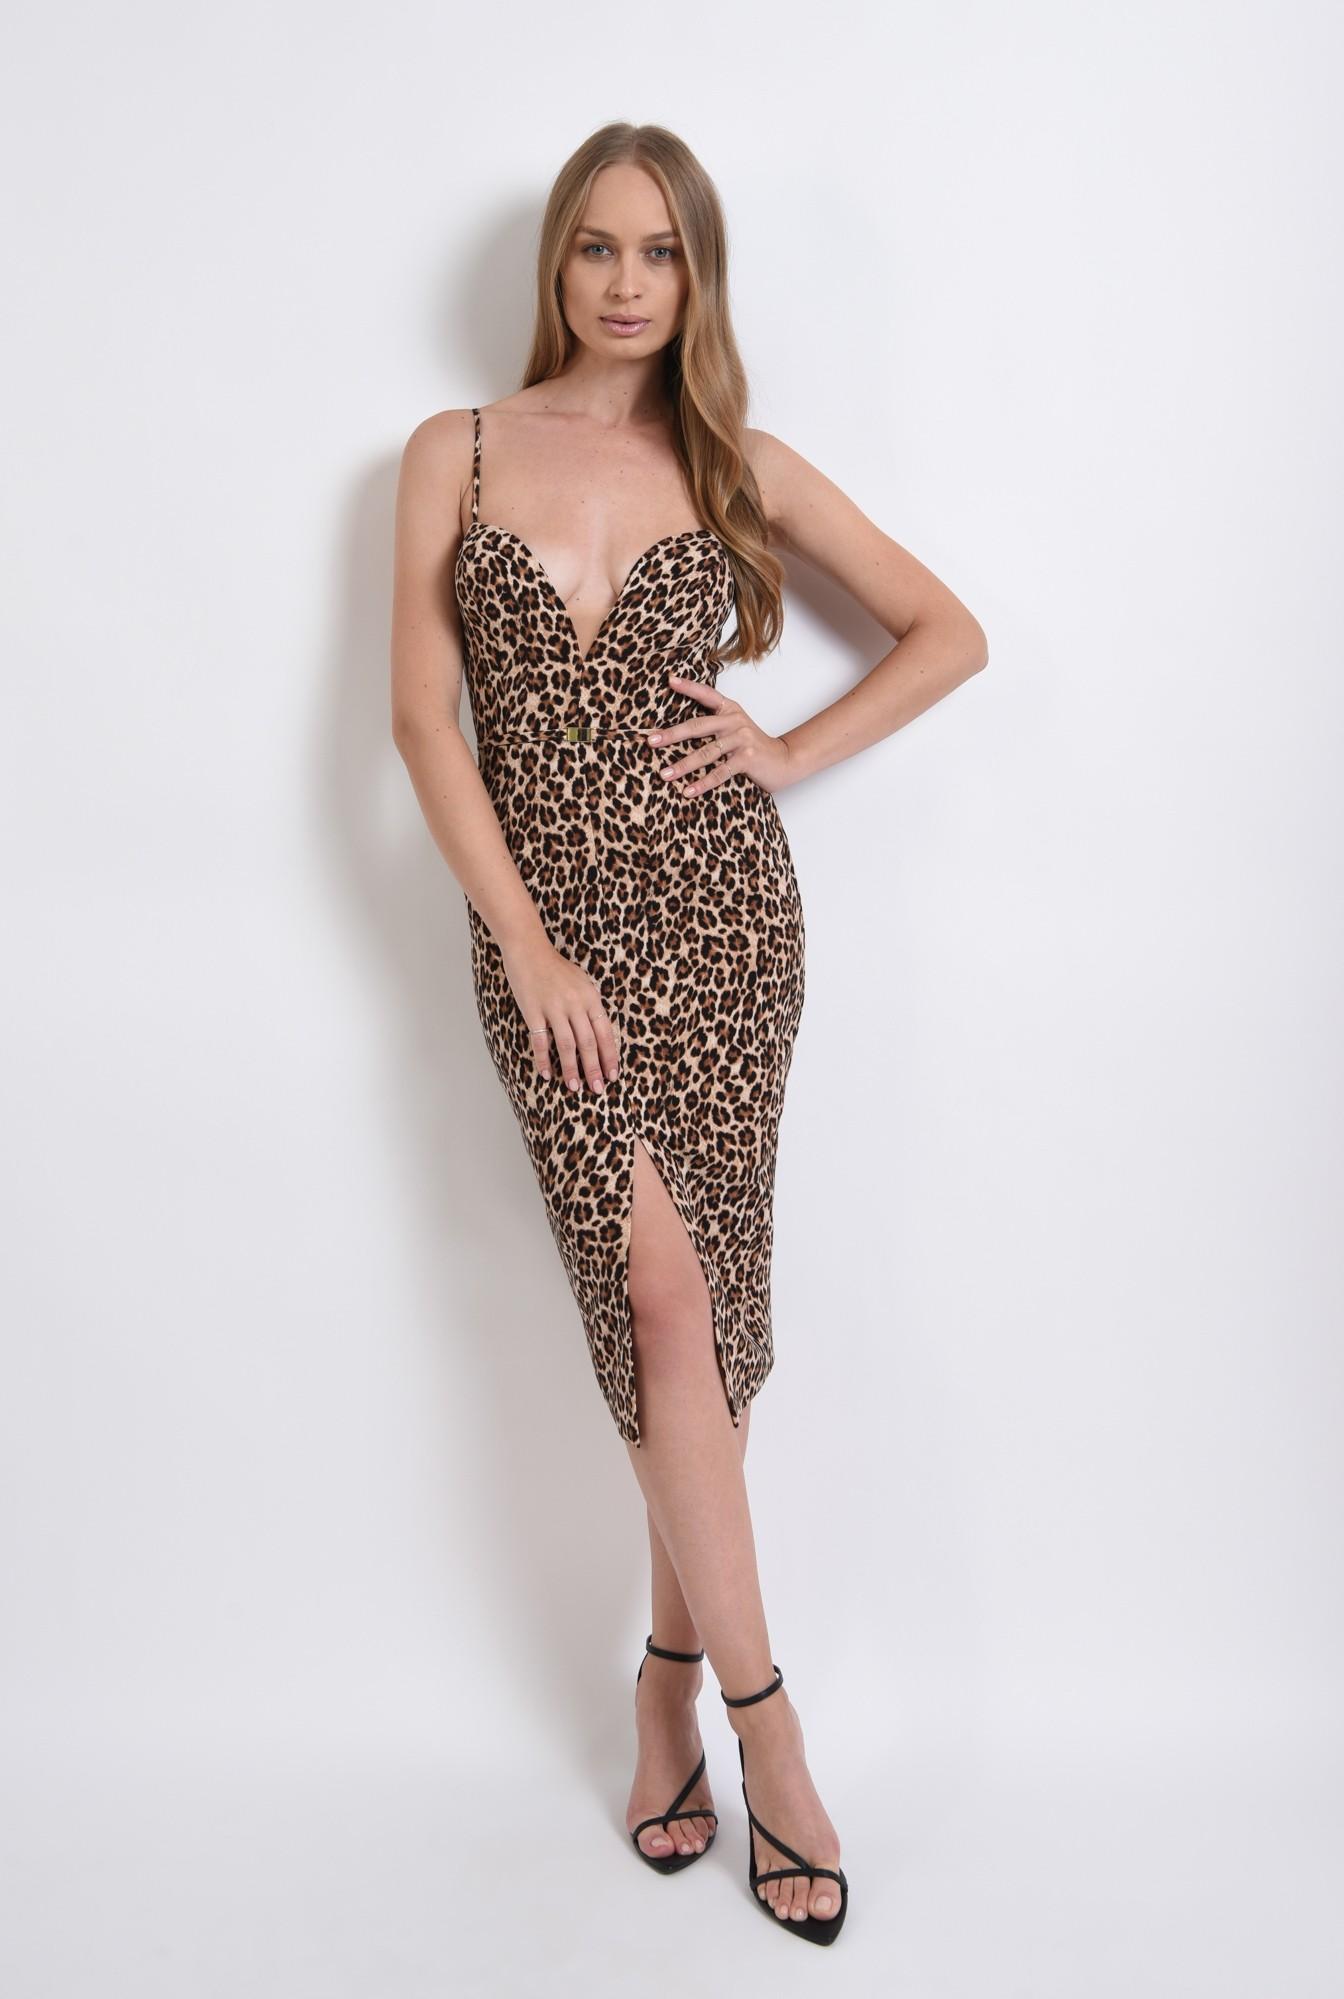 1 - rochie eleganta, animal print, cu bretele